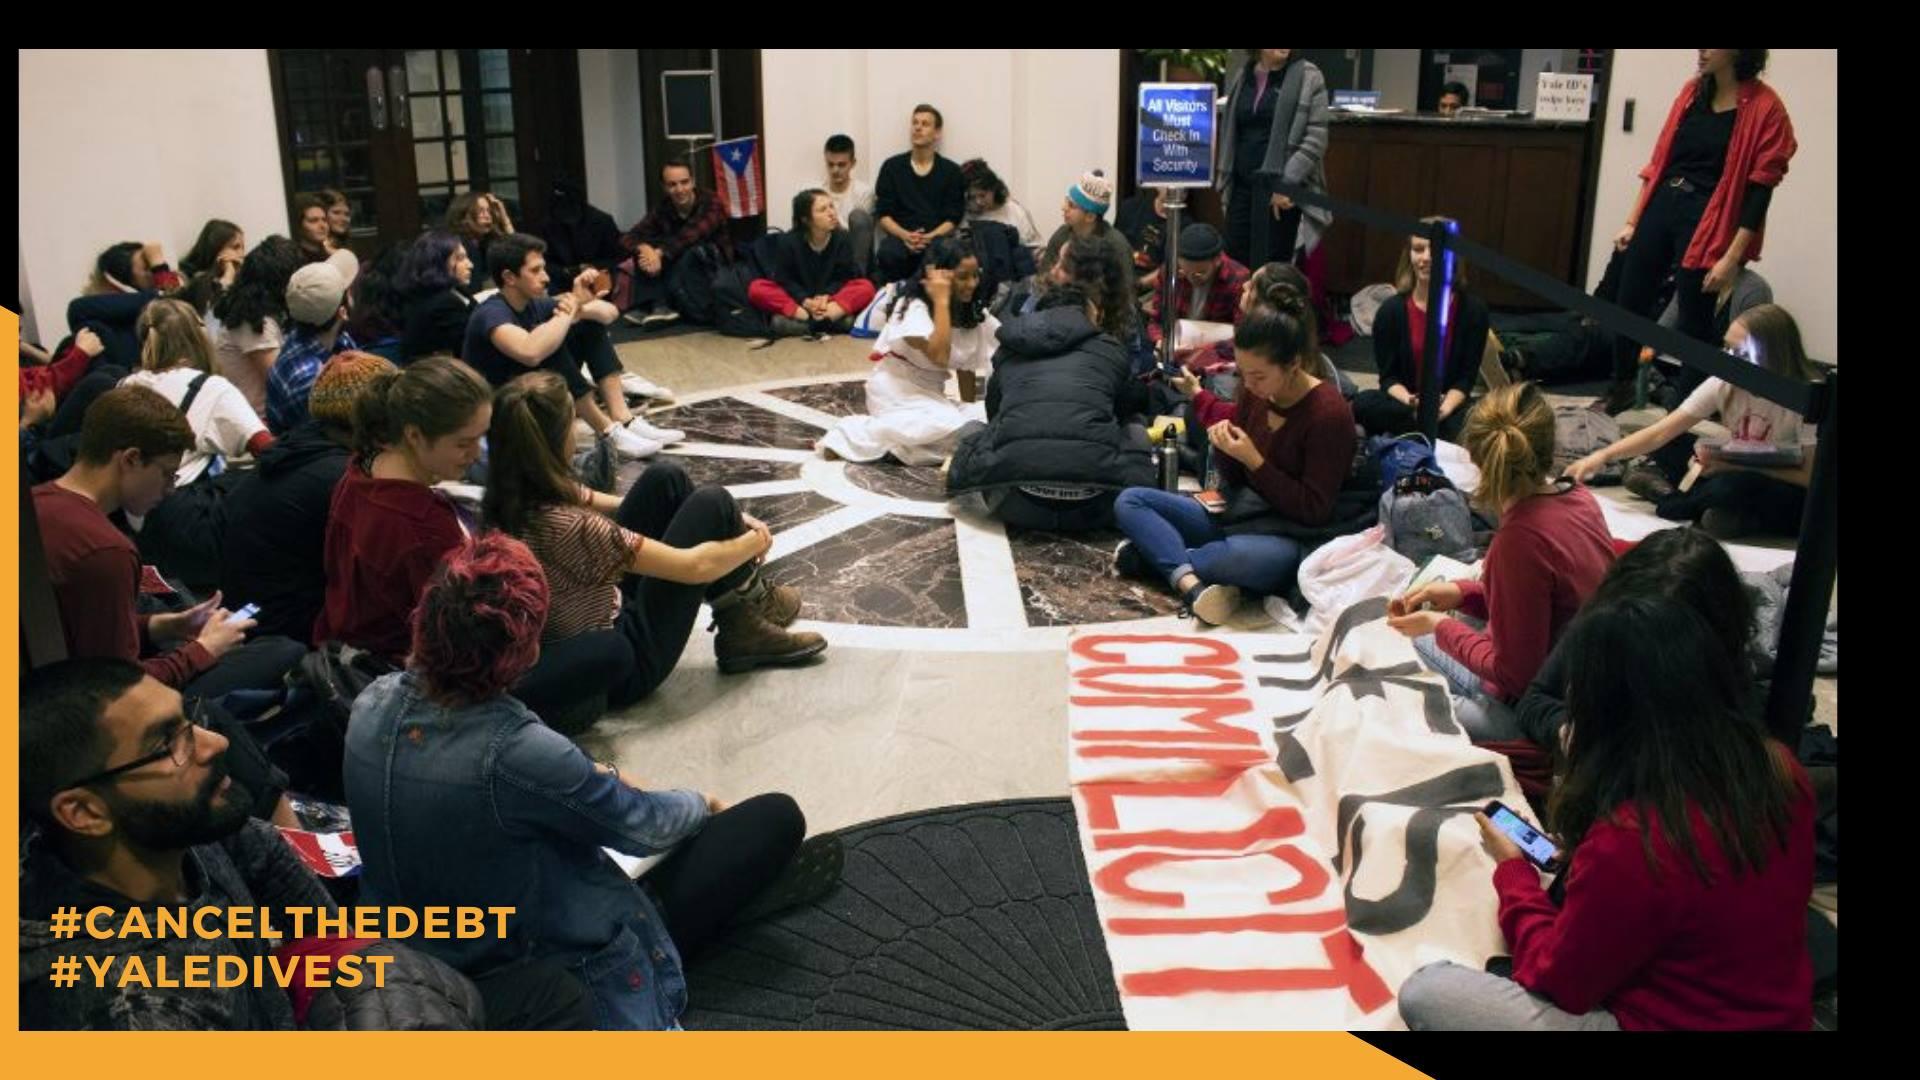 Estudiantes de Yale protestan por los intereses de esa universidad en la deuda de Puerto Rico